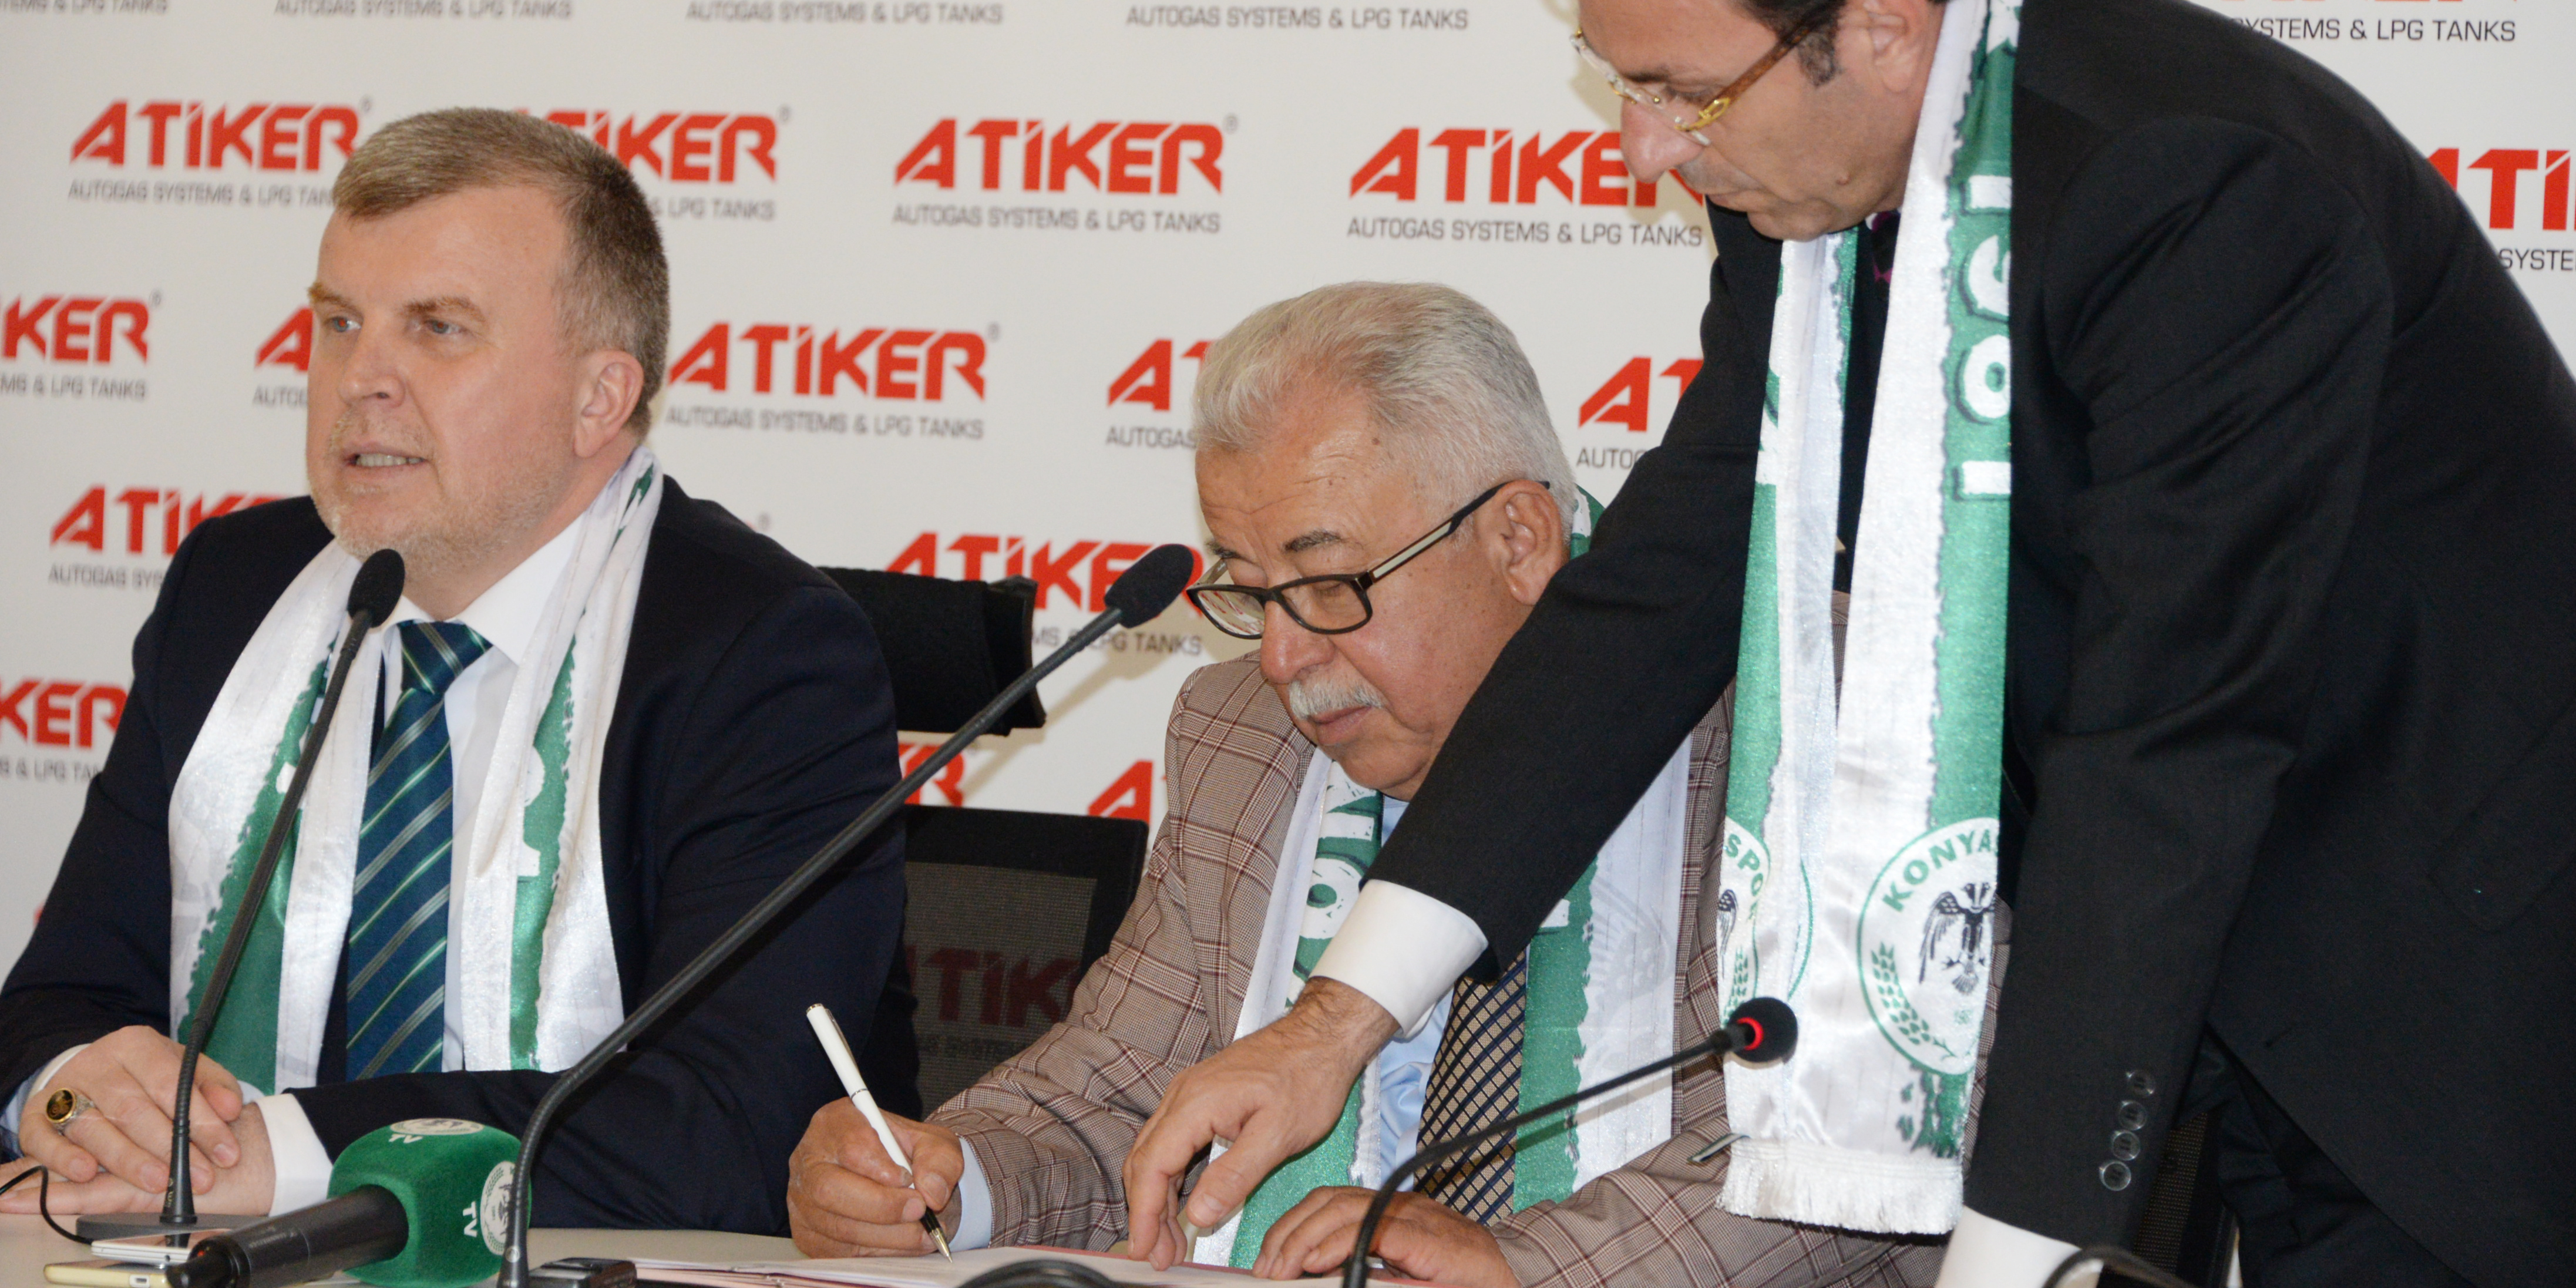 Atiker'in sponsorluk sözleşmesi bitiyor! Konyaspor ile devam edecek mi?